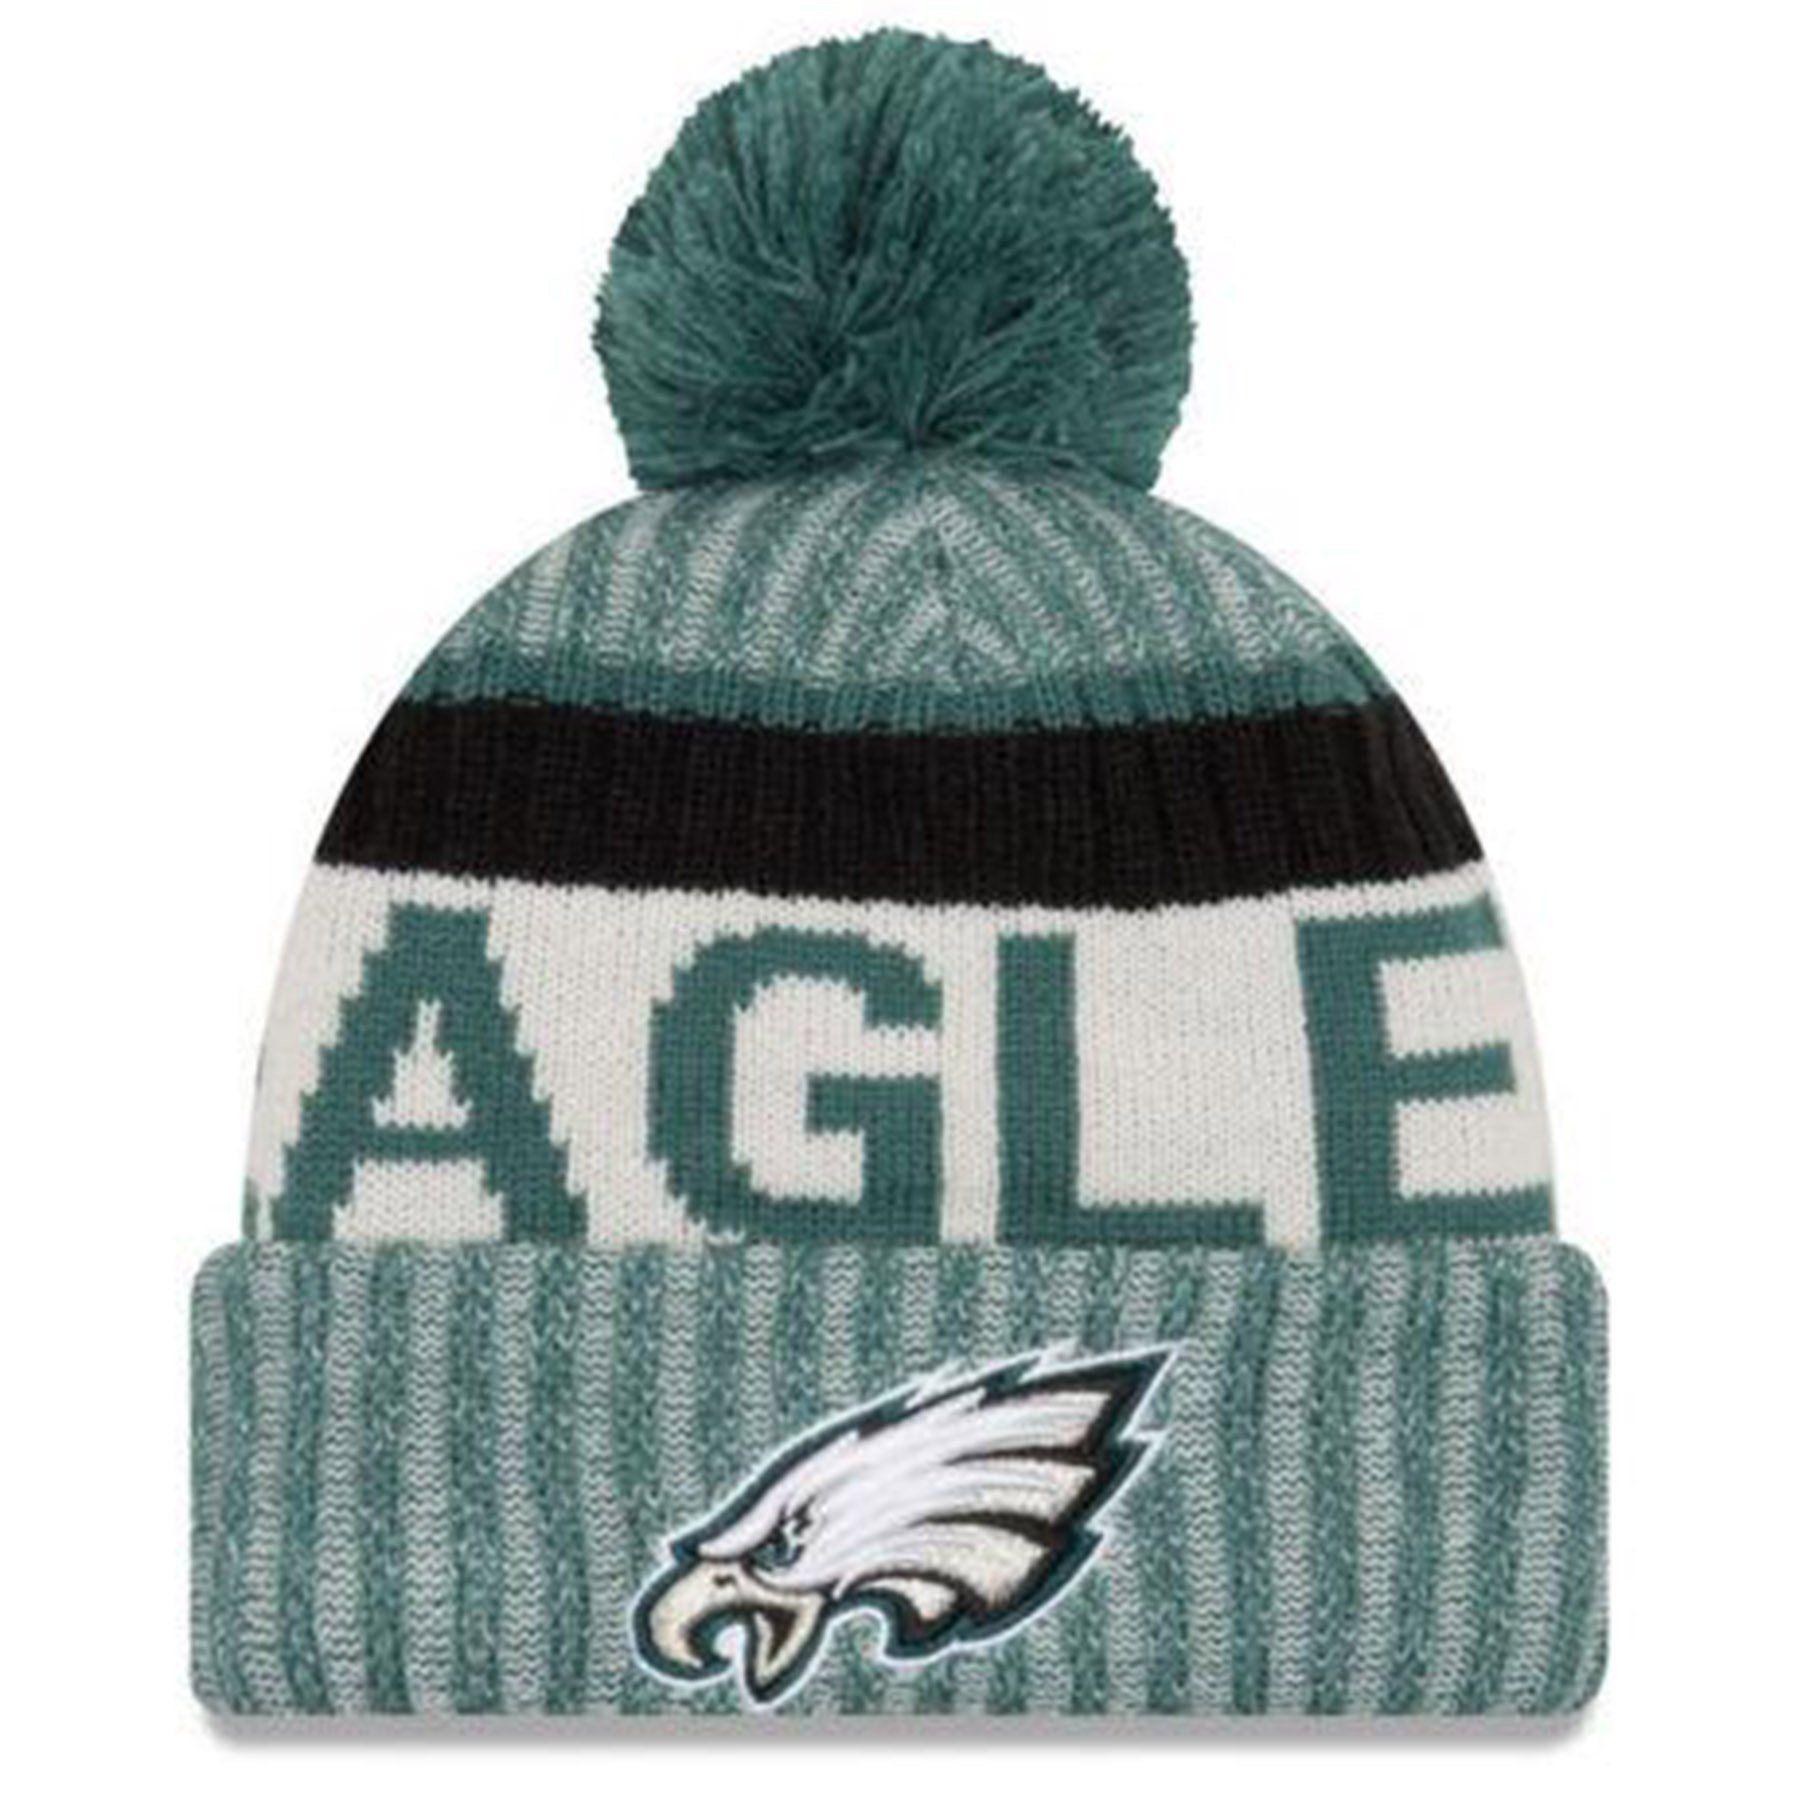 874ba82e0df On Field 2017 NFL Sideline Philadelphia Eagles On Field Sport Knit Beanie